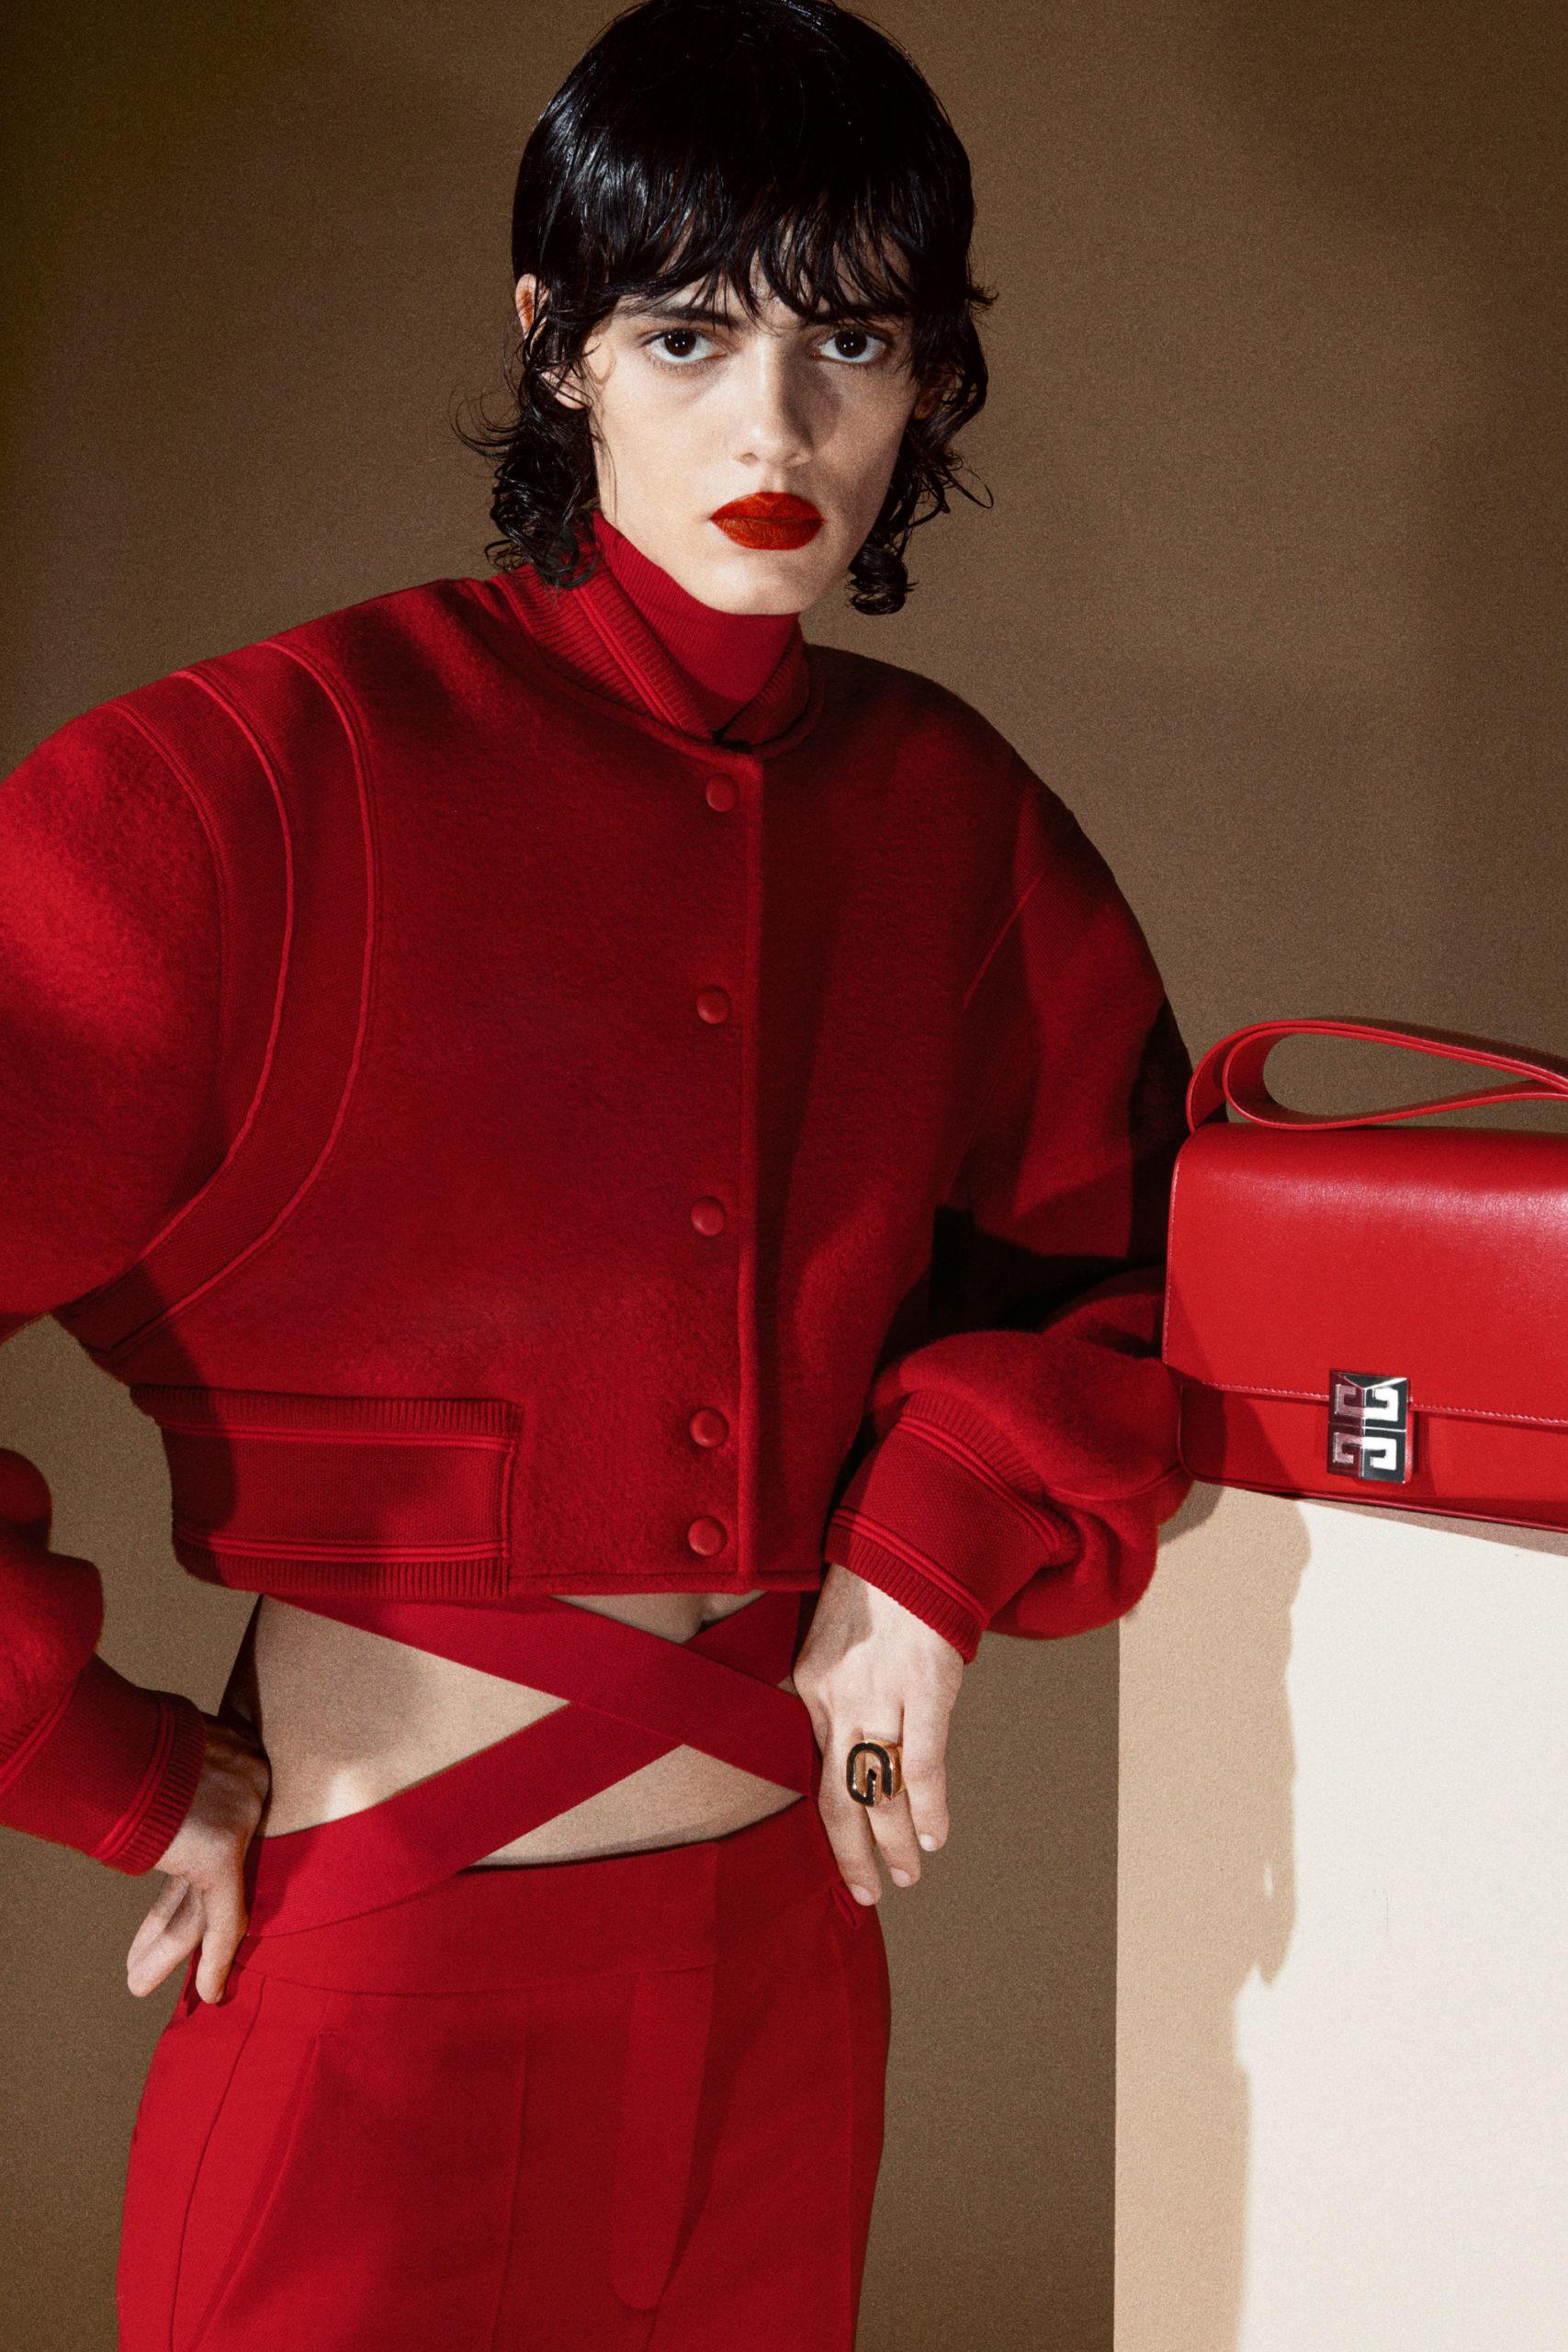 Платье с вырезом от Givenchy модель 2022 года